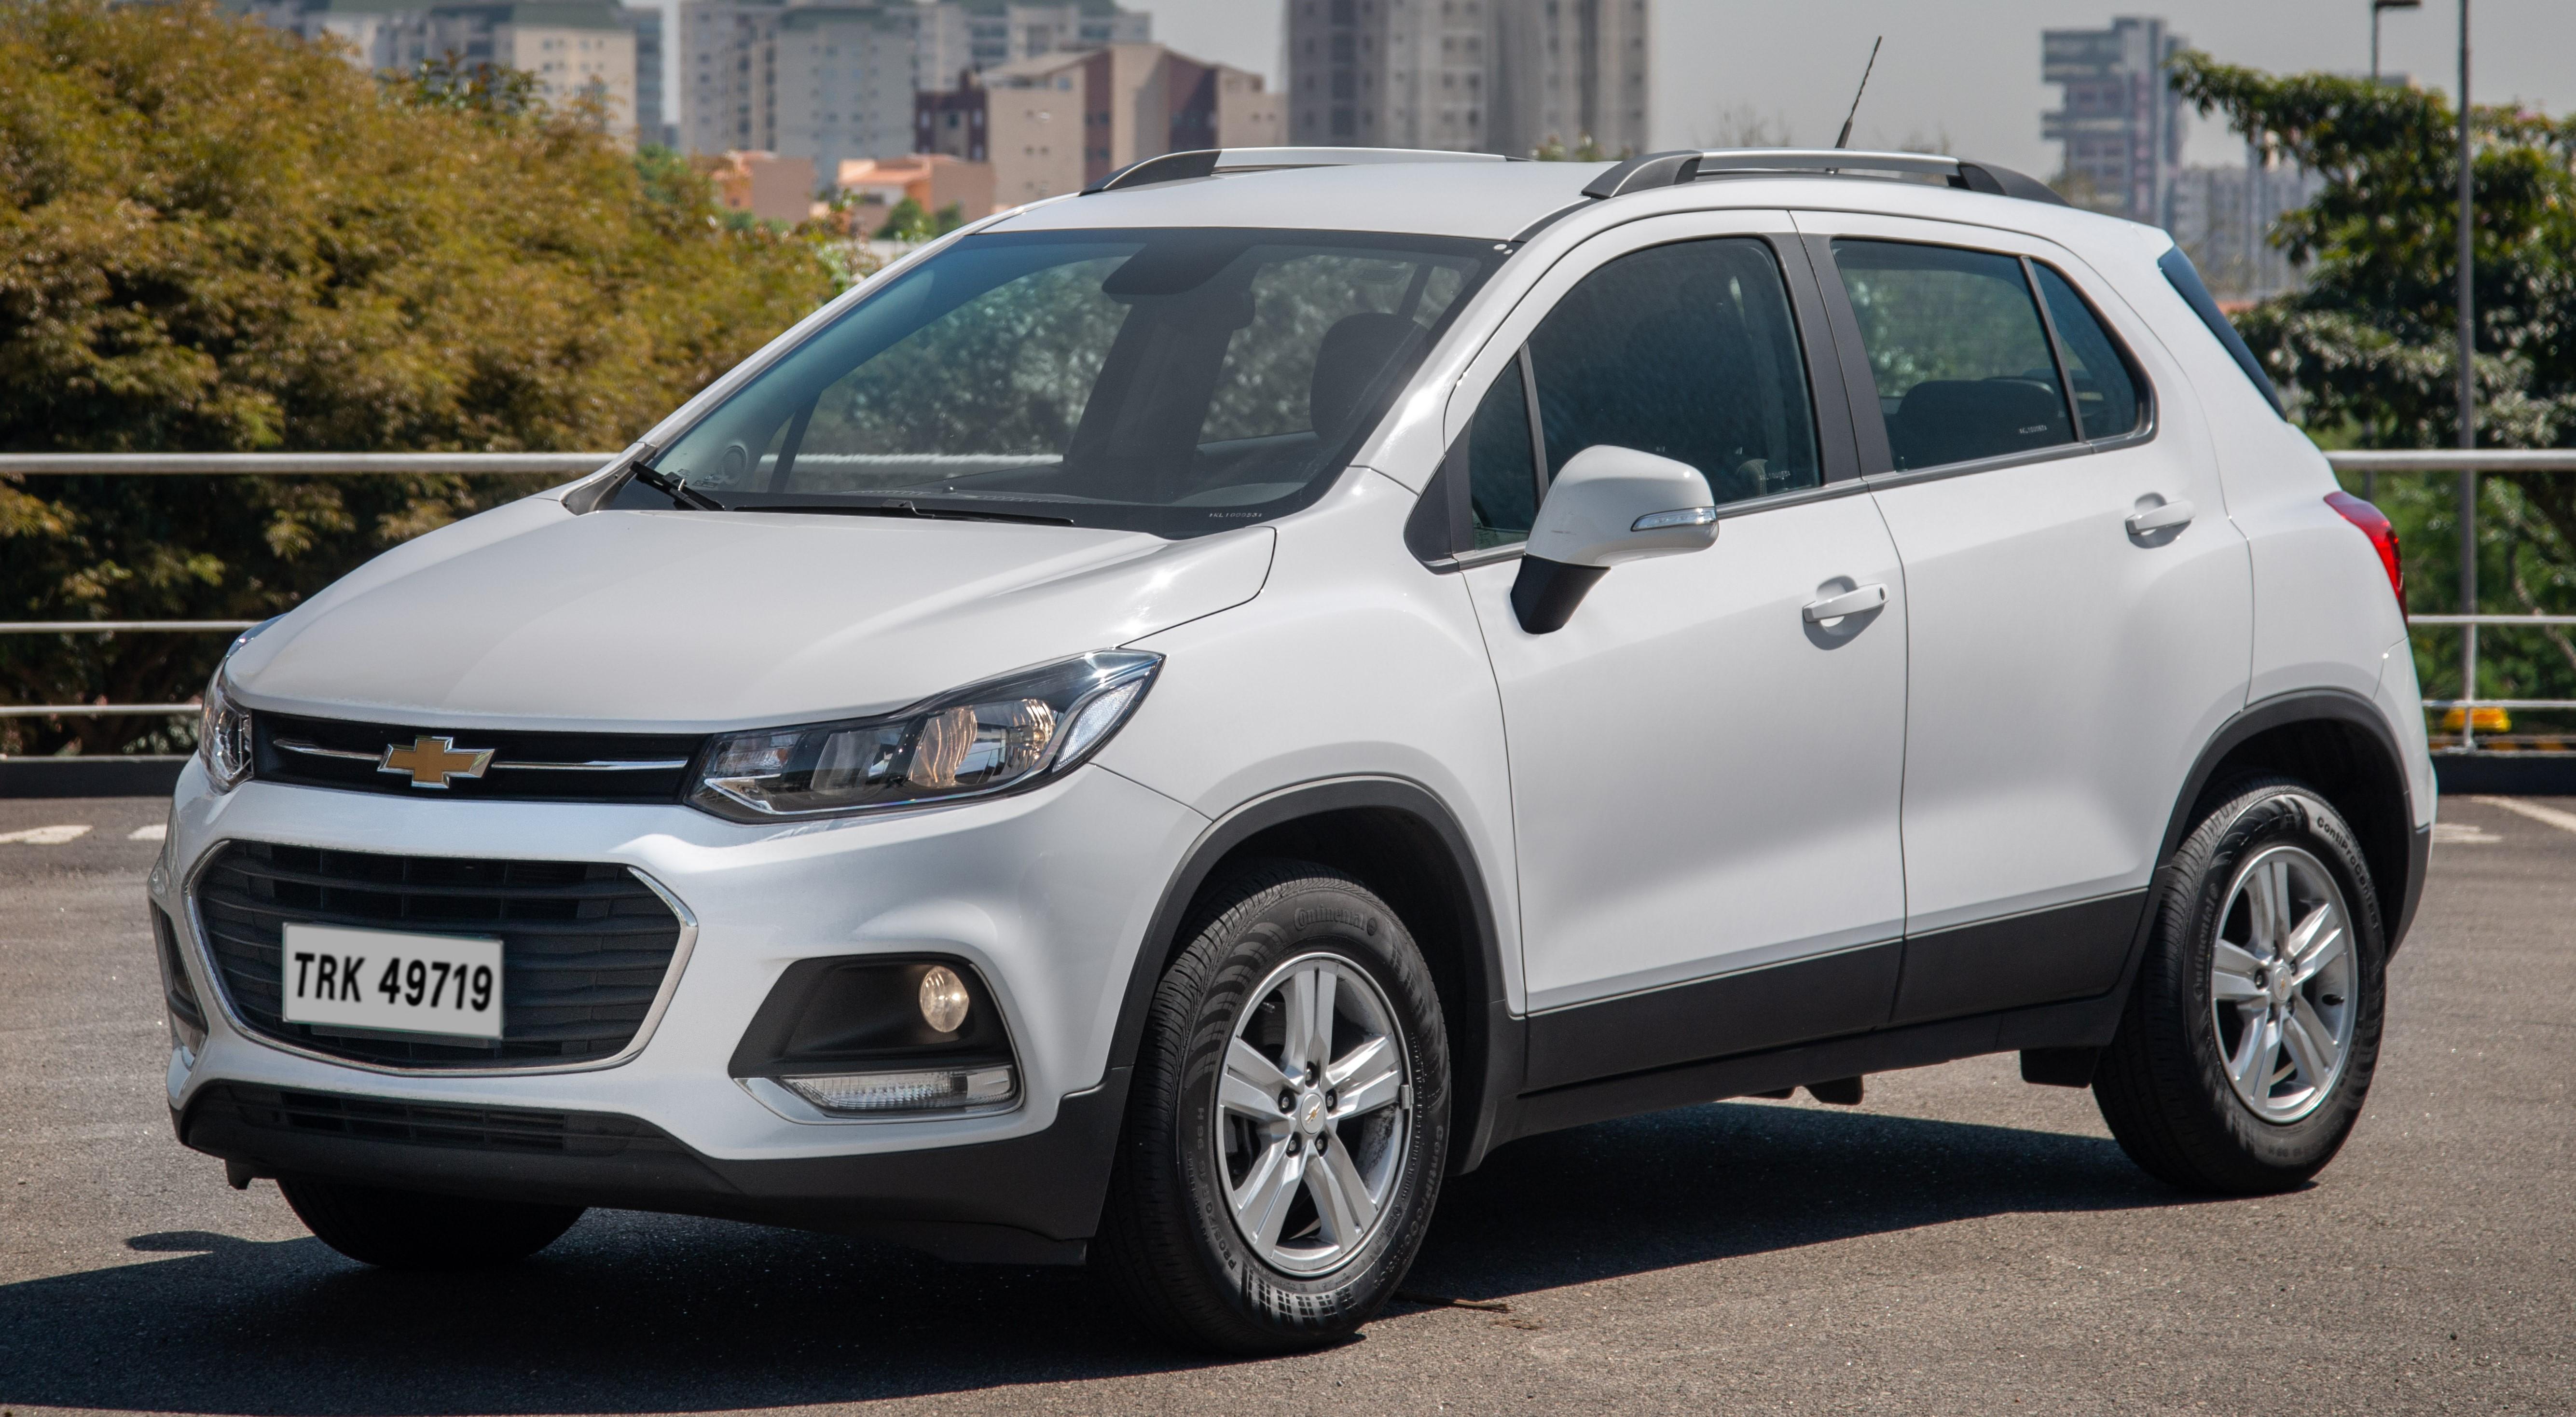 Mais segurança: toda a linha Chevrolet Tracker 2019 traz controles de tração e estabilidade